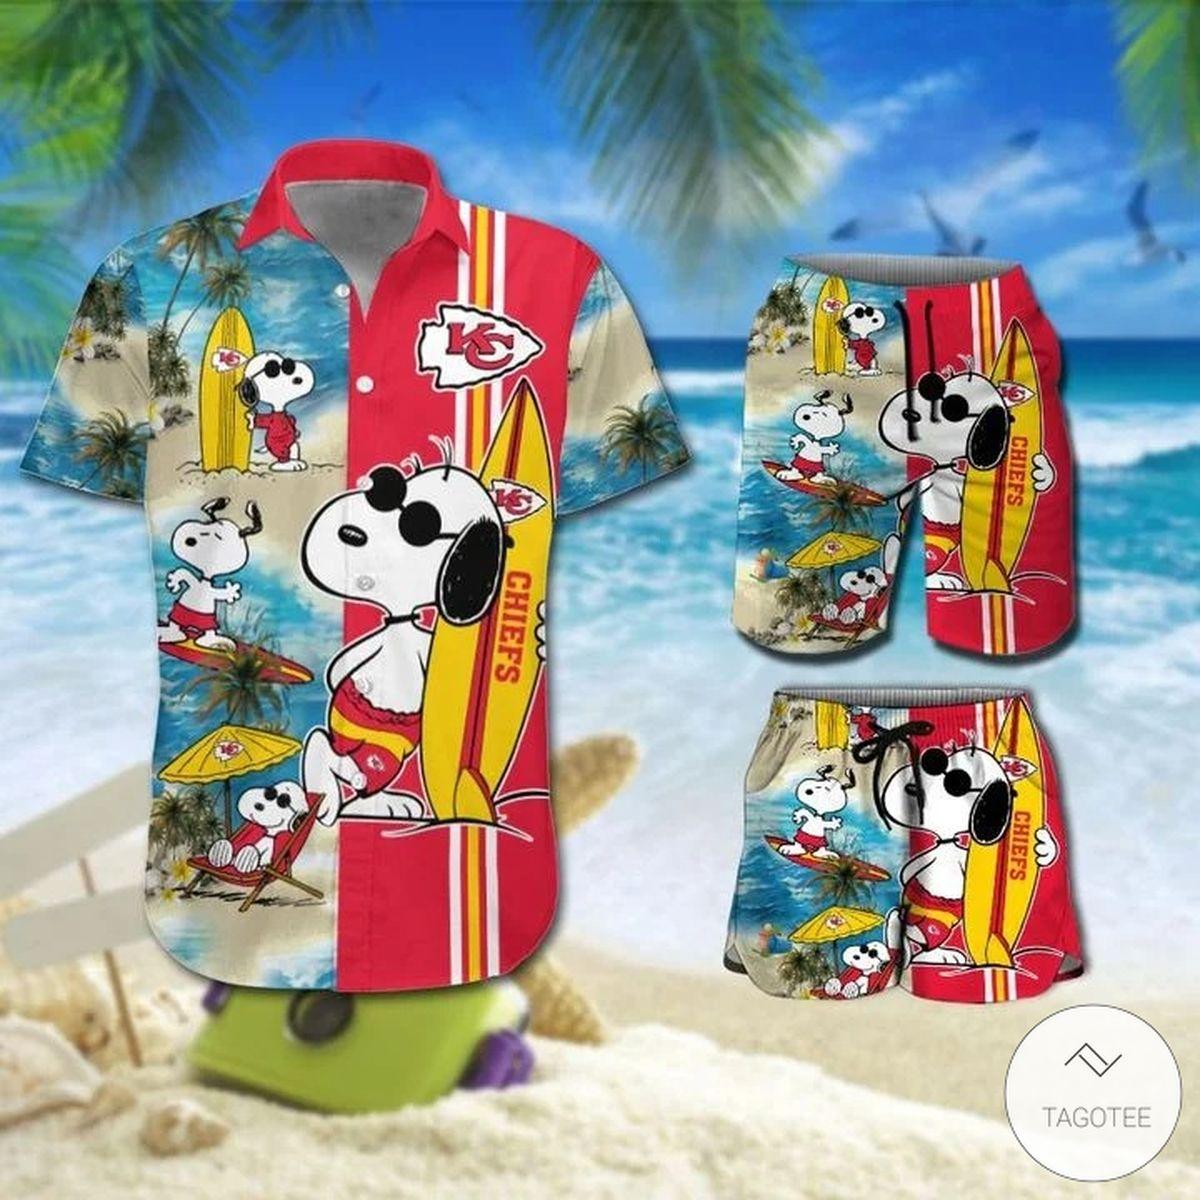 Snoopy And Kansas City Chiefs Hawaiian Shirt, Beach Shorts